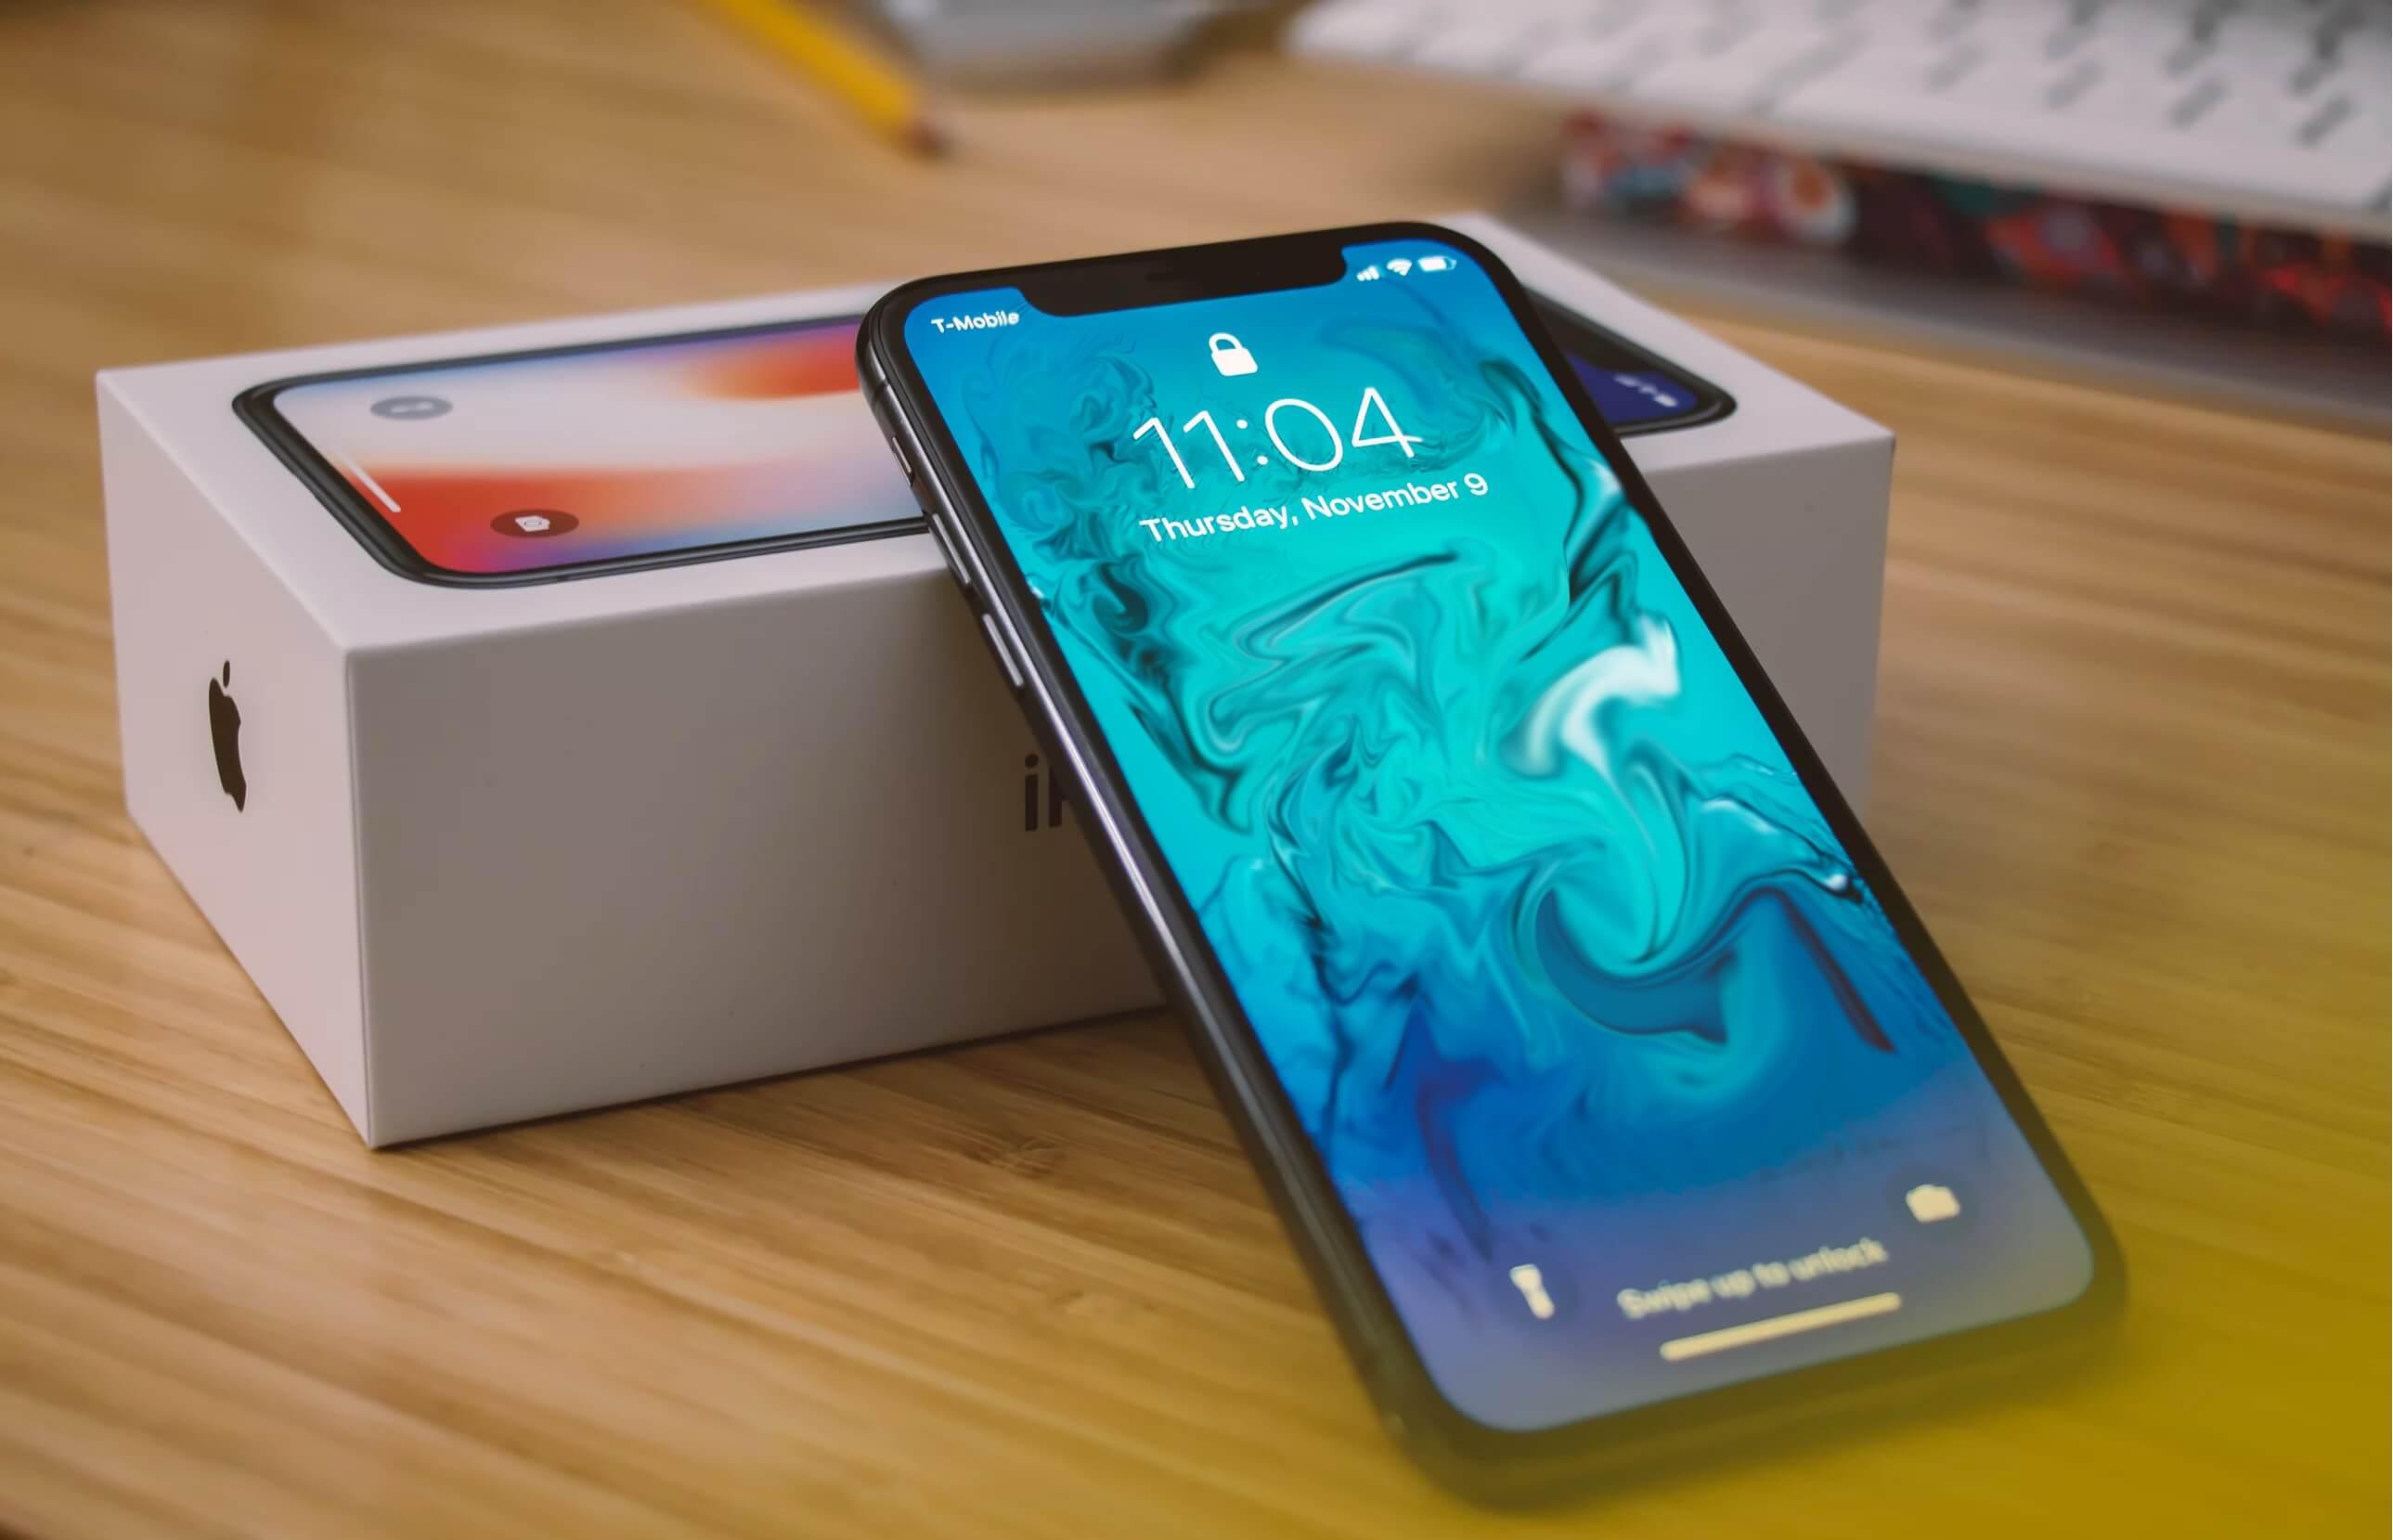 شركة Apple تعاني من انخفاض مبيعات هواتف iPhone الأخيرة